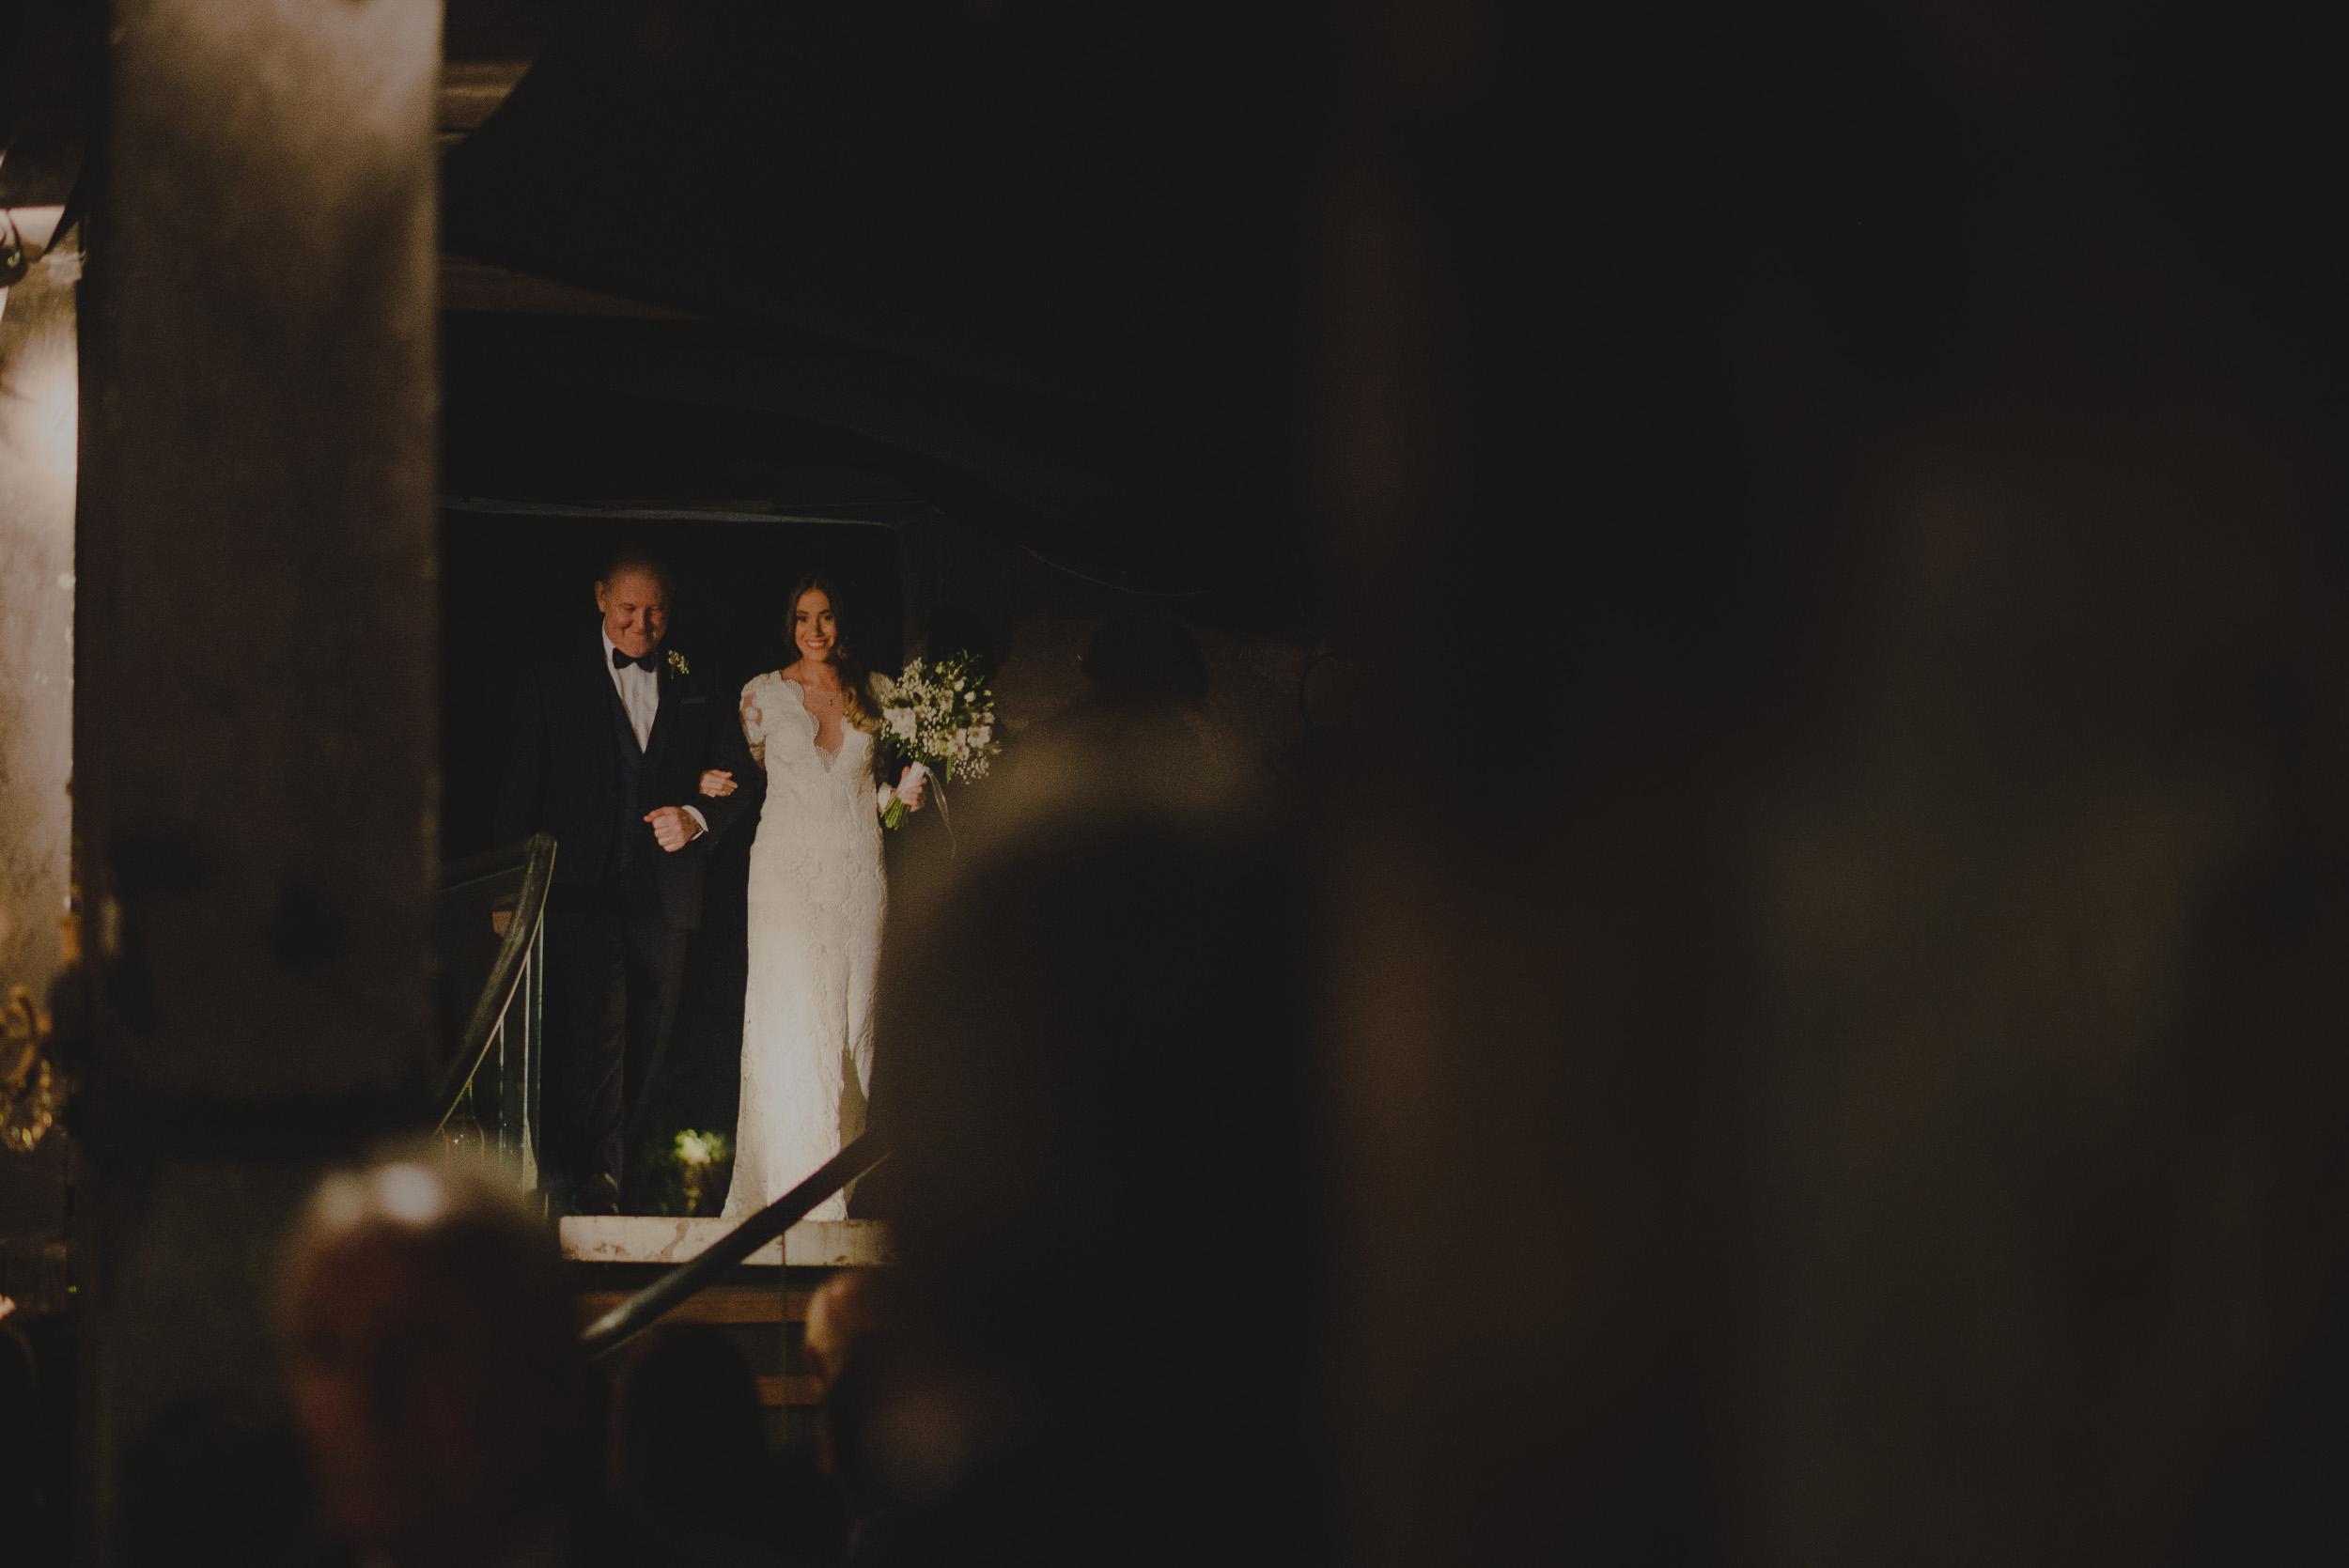 Mati & Juan boda en Bodega Jacksonville , FOTOGRAFIA DE BODA POITEVIN LOPEZ-68